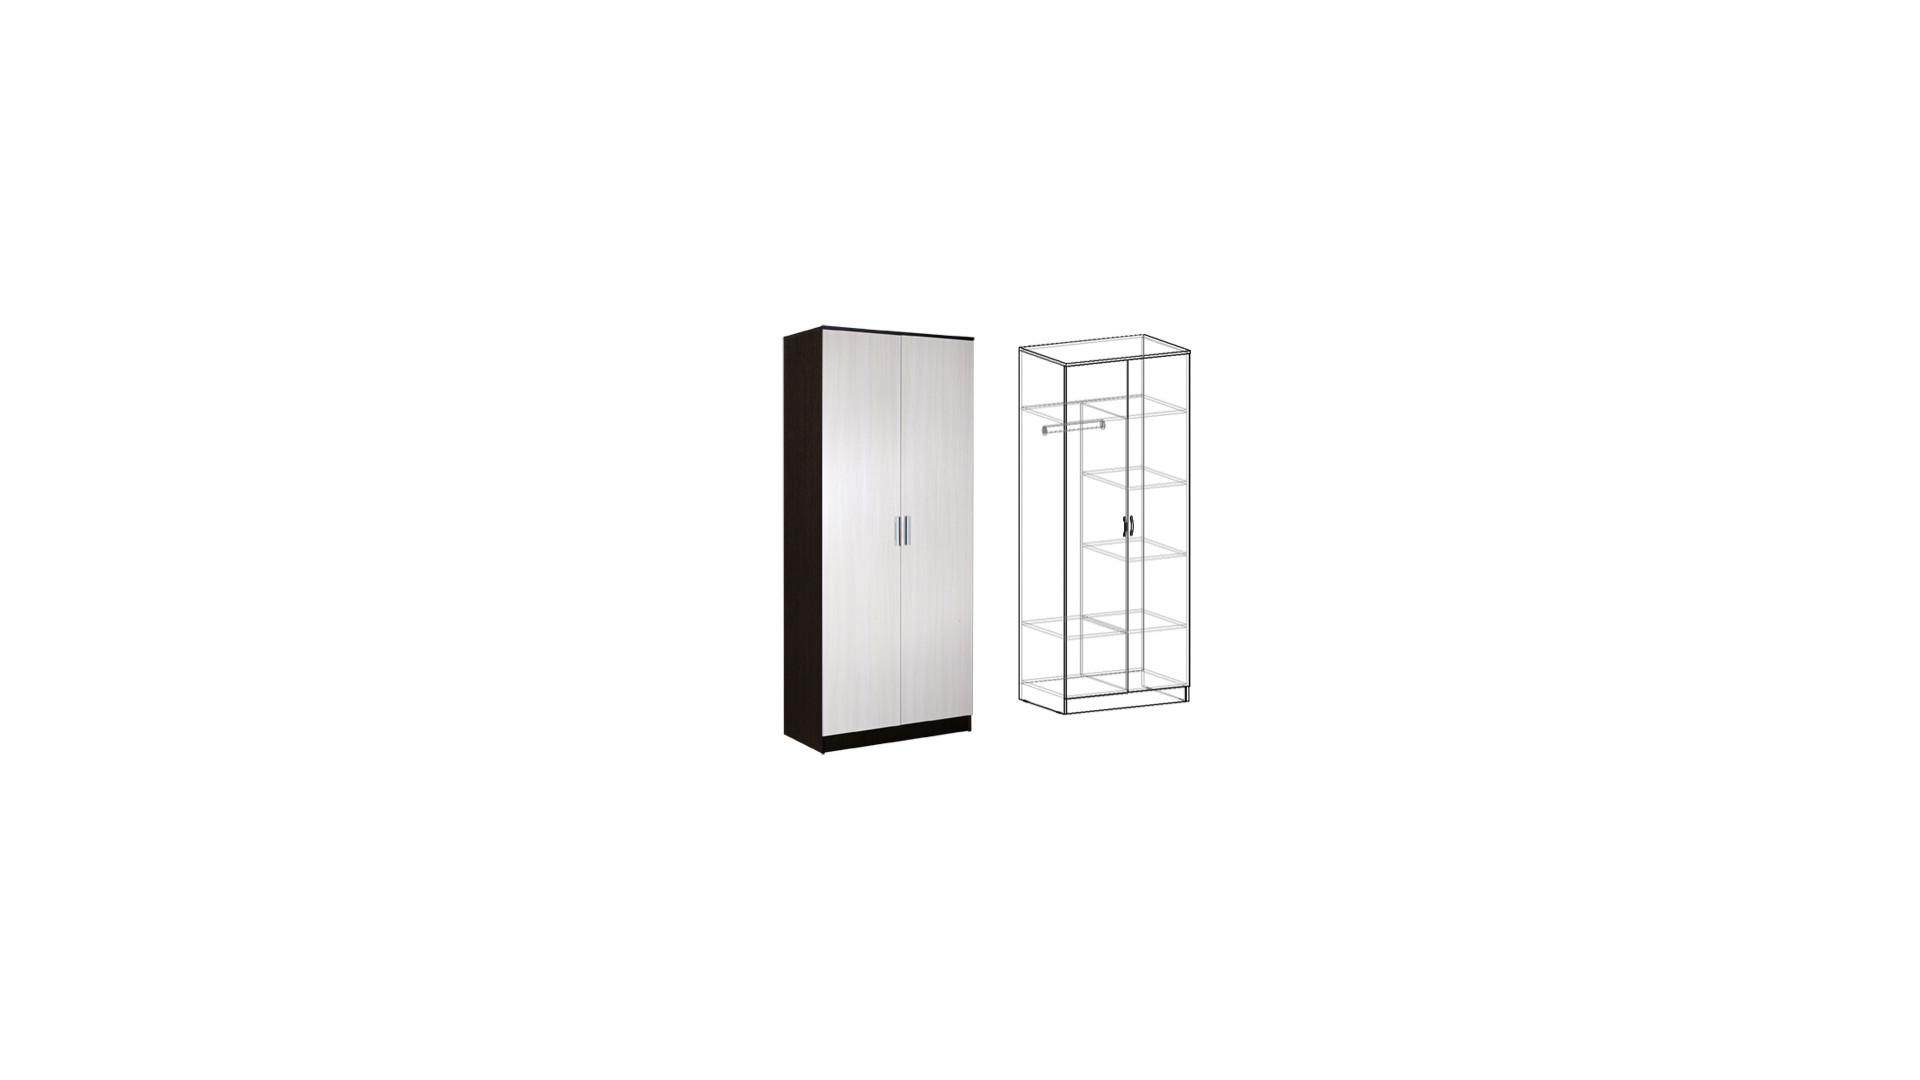 Шкаф 2-х створчатый комбинированный Светлана НОВЫЙ Венге/Дуб молочный